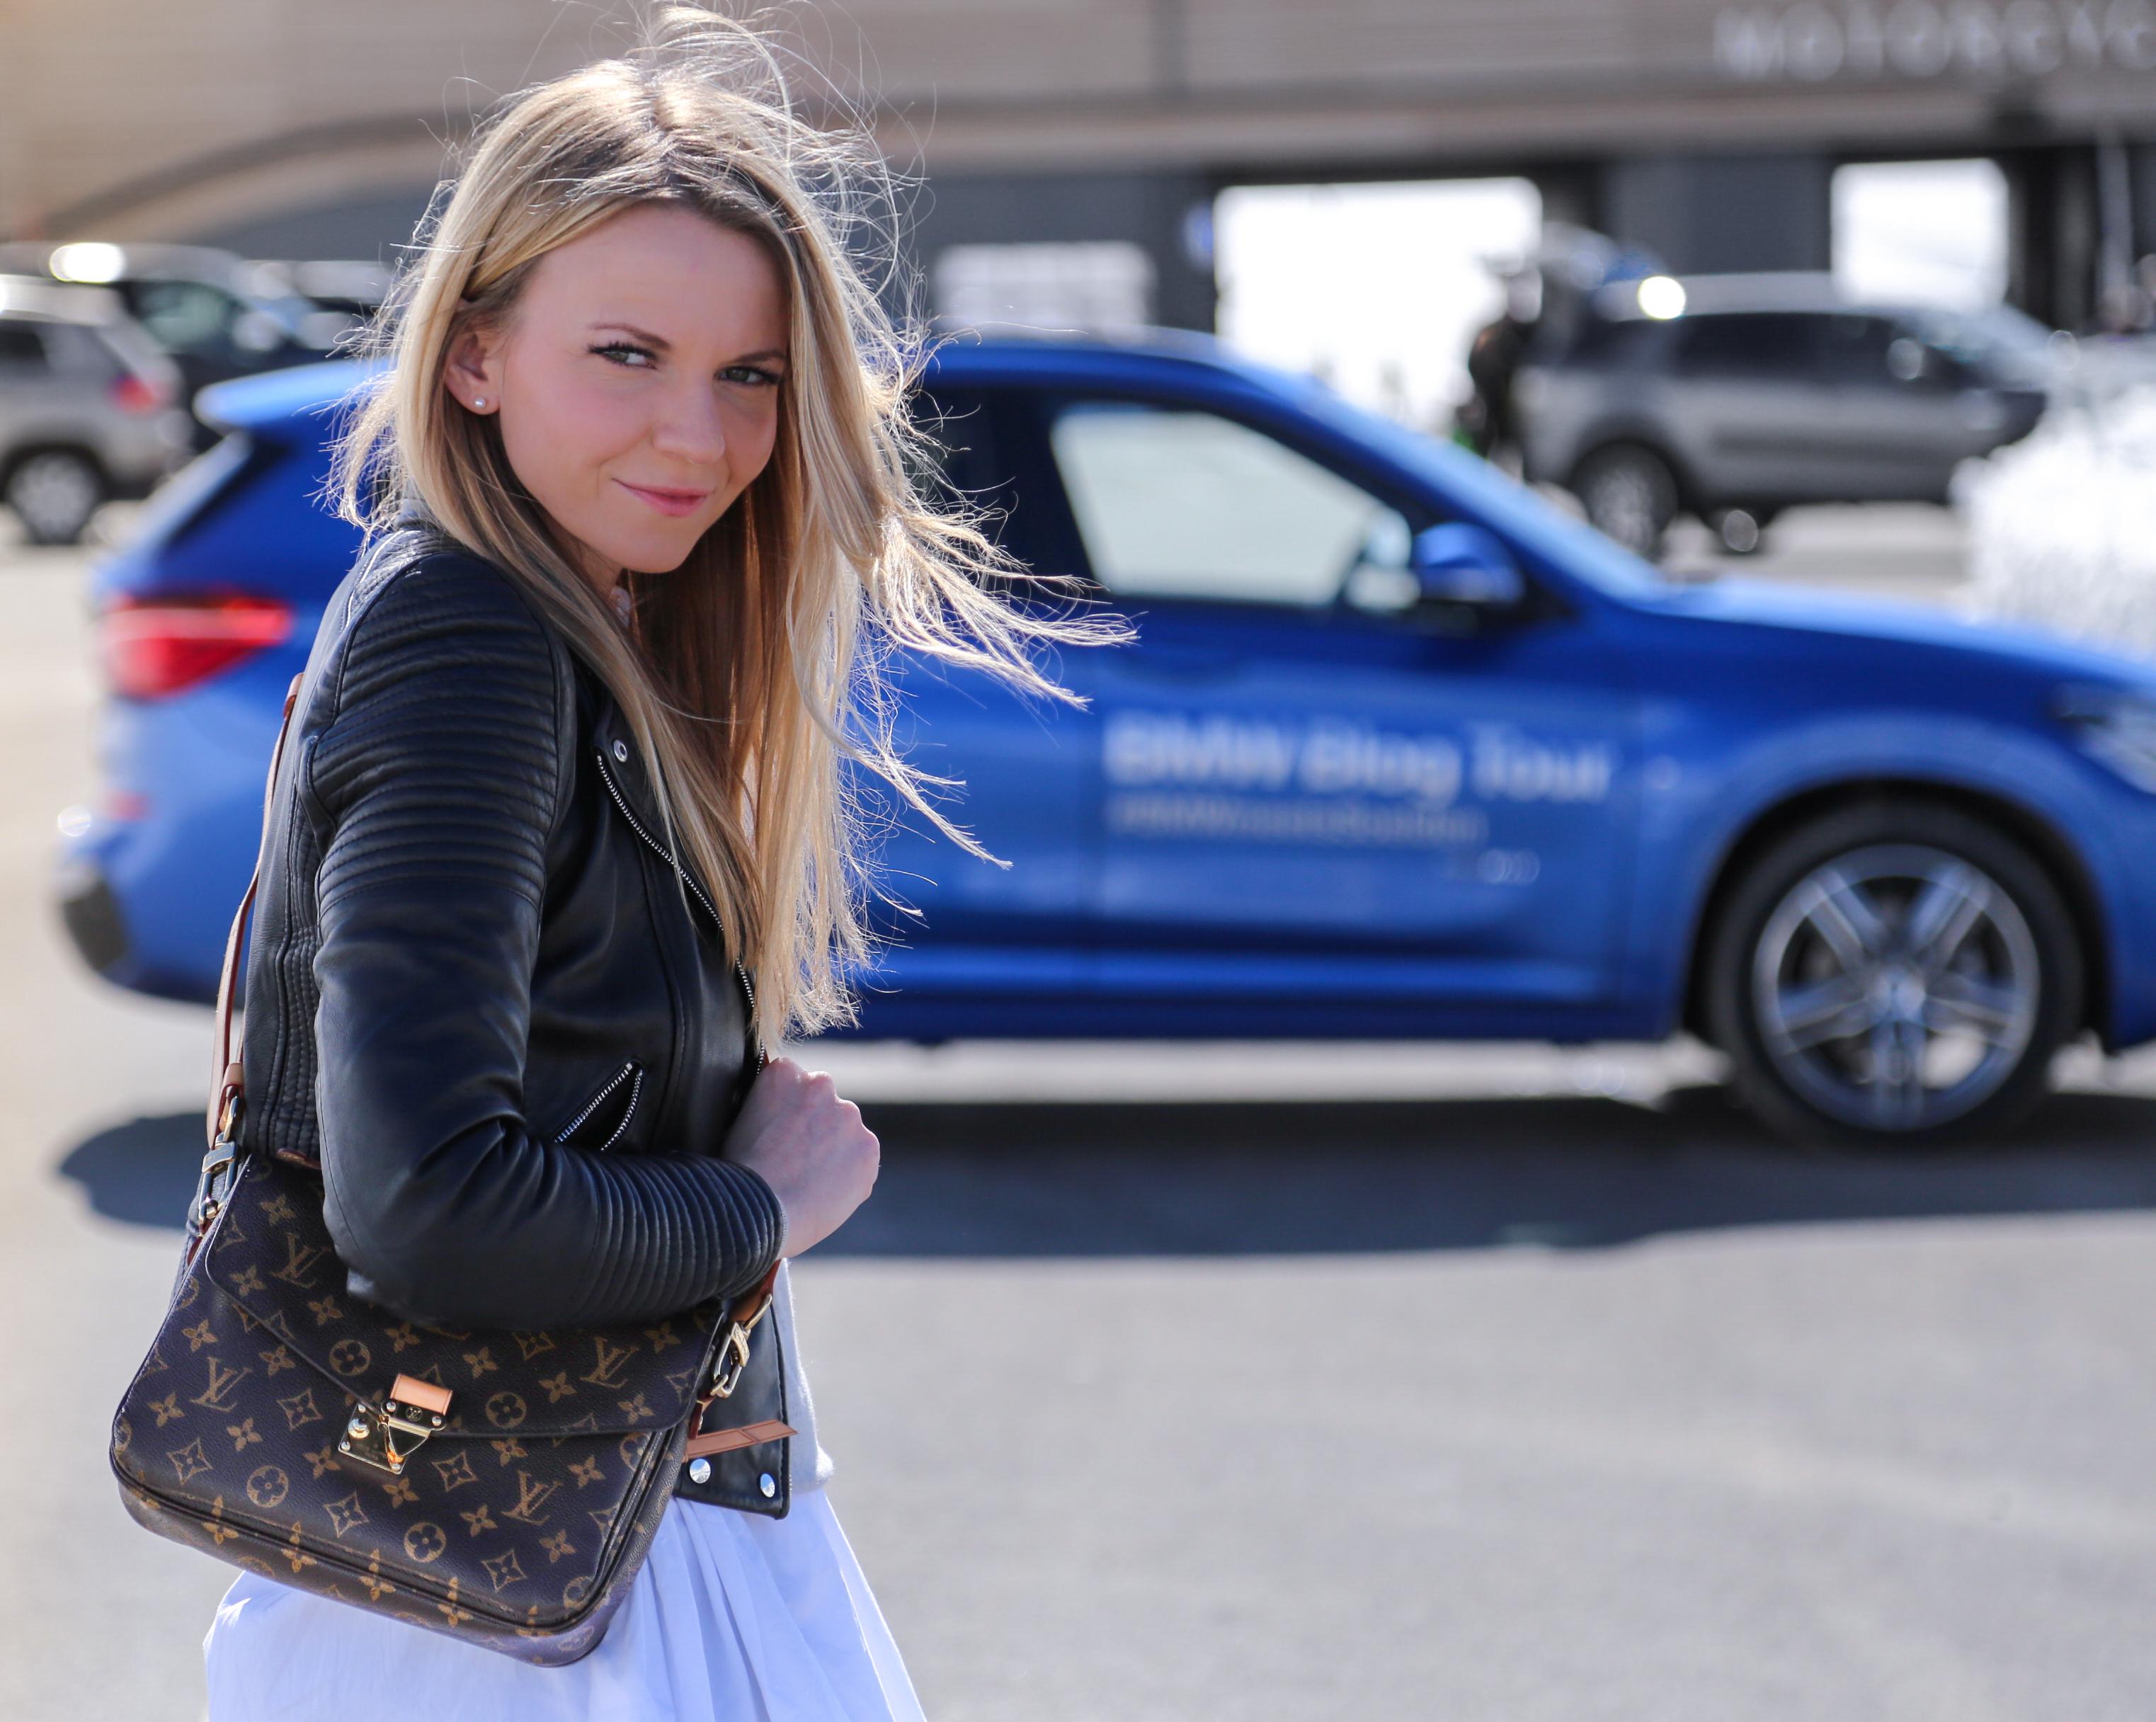 Der BMW X1: mein persönlicher Testbericht FreudeAmFahren SheerDrivingPleasure München BMWAG Ötztal SUV SAV Einser KompaktSUV X-Drive Allrad Offroad Jennifer PepperAndGold Testride Testbericht